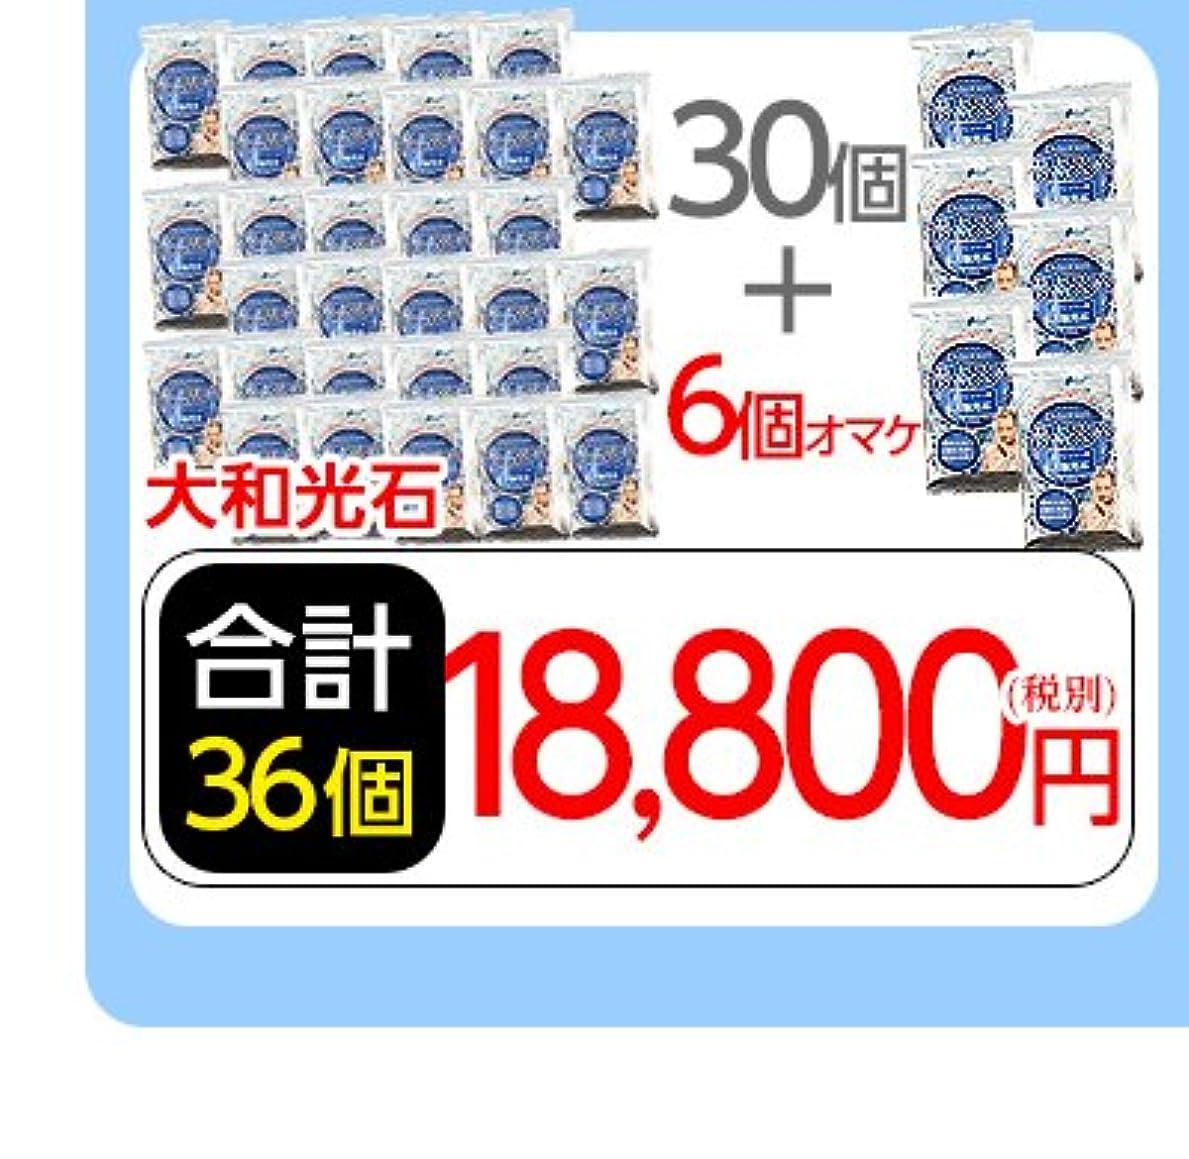 デッドロック容赦ない腐敗したデトキシャン水素スパ☆大和光石30個+6個オマケ